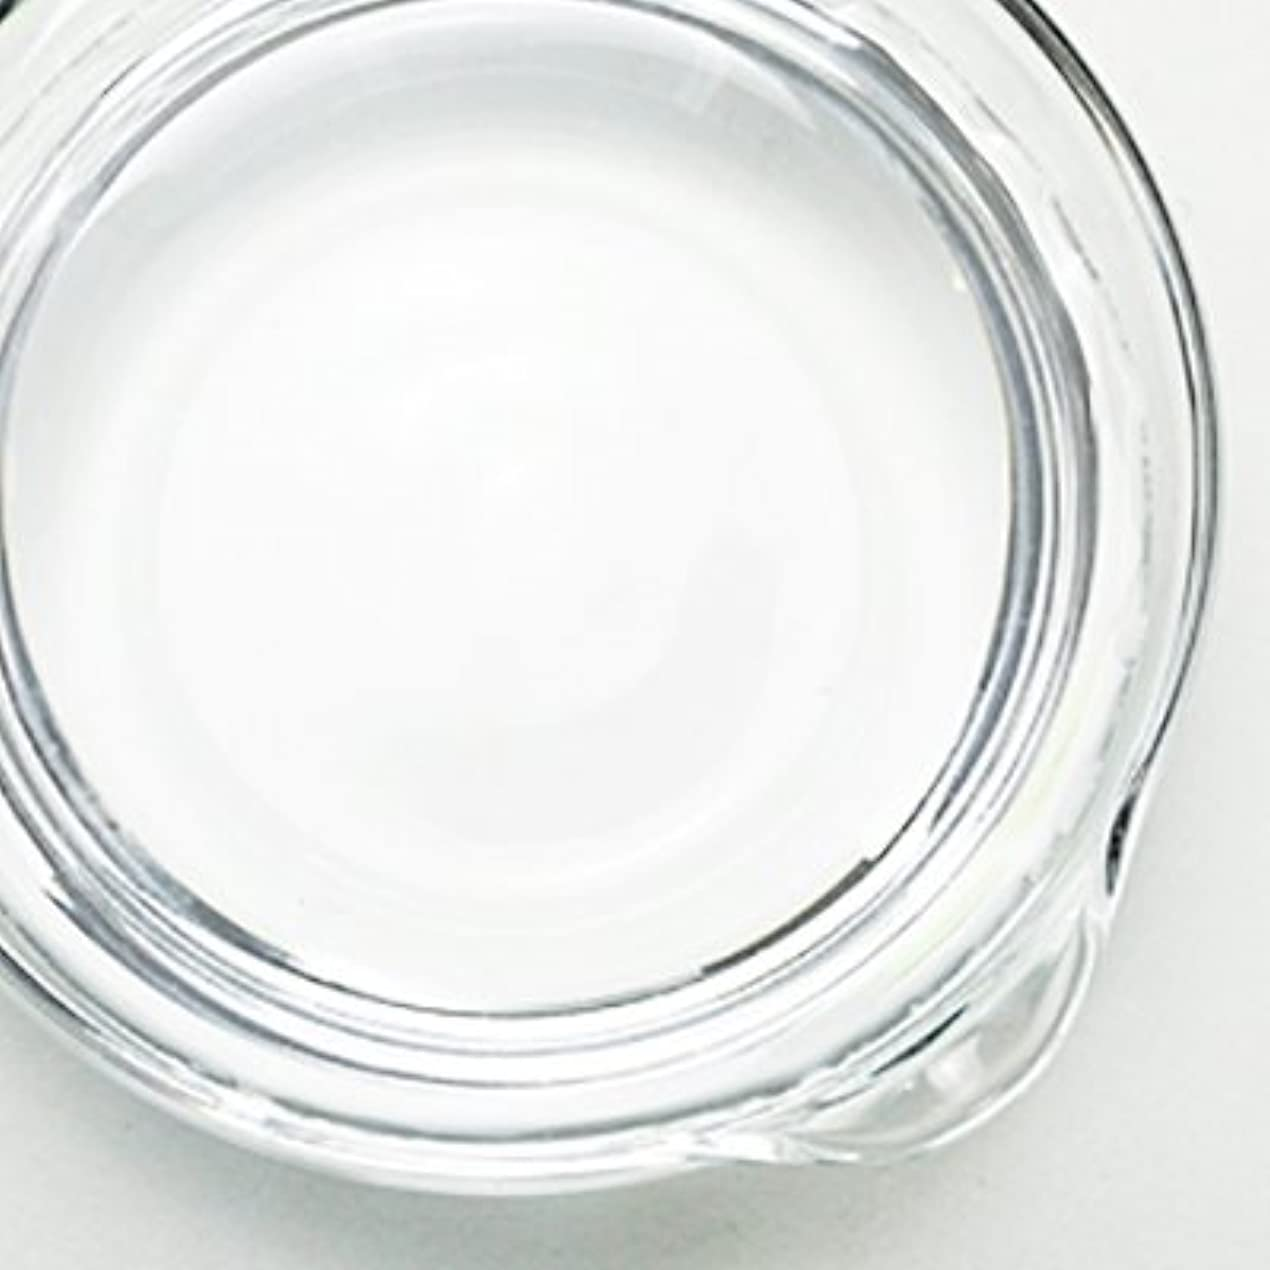 主張する靄摂動1,3-ブチレングリコール[BG] 500ml 【手作り石鹸/手作りコスメ】